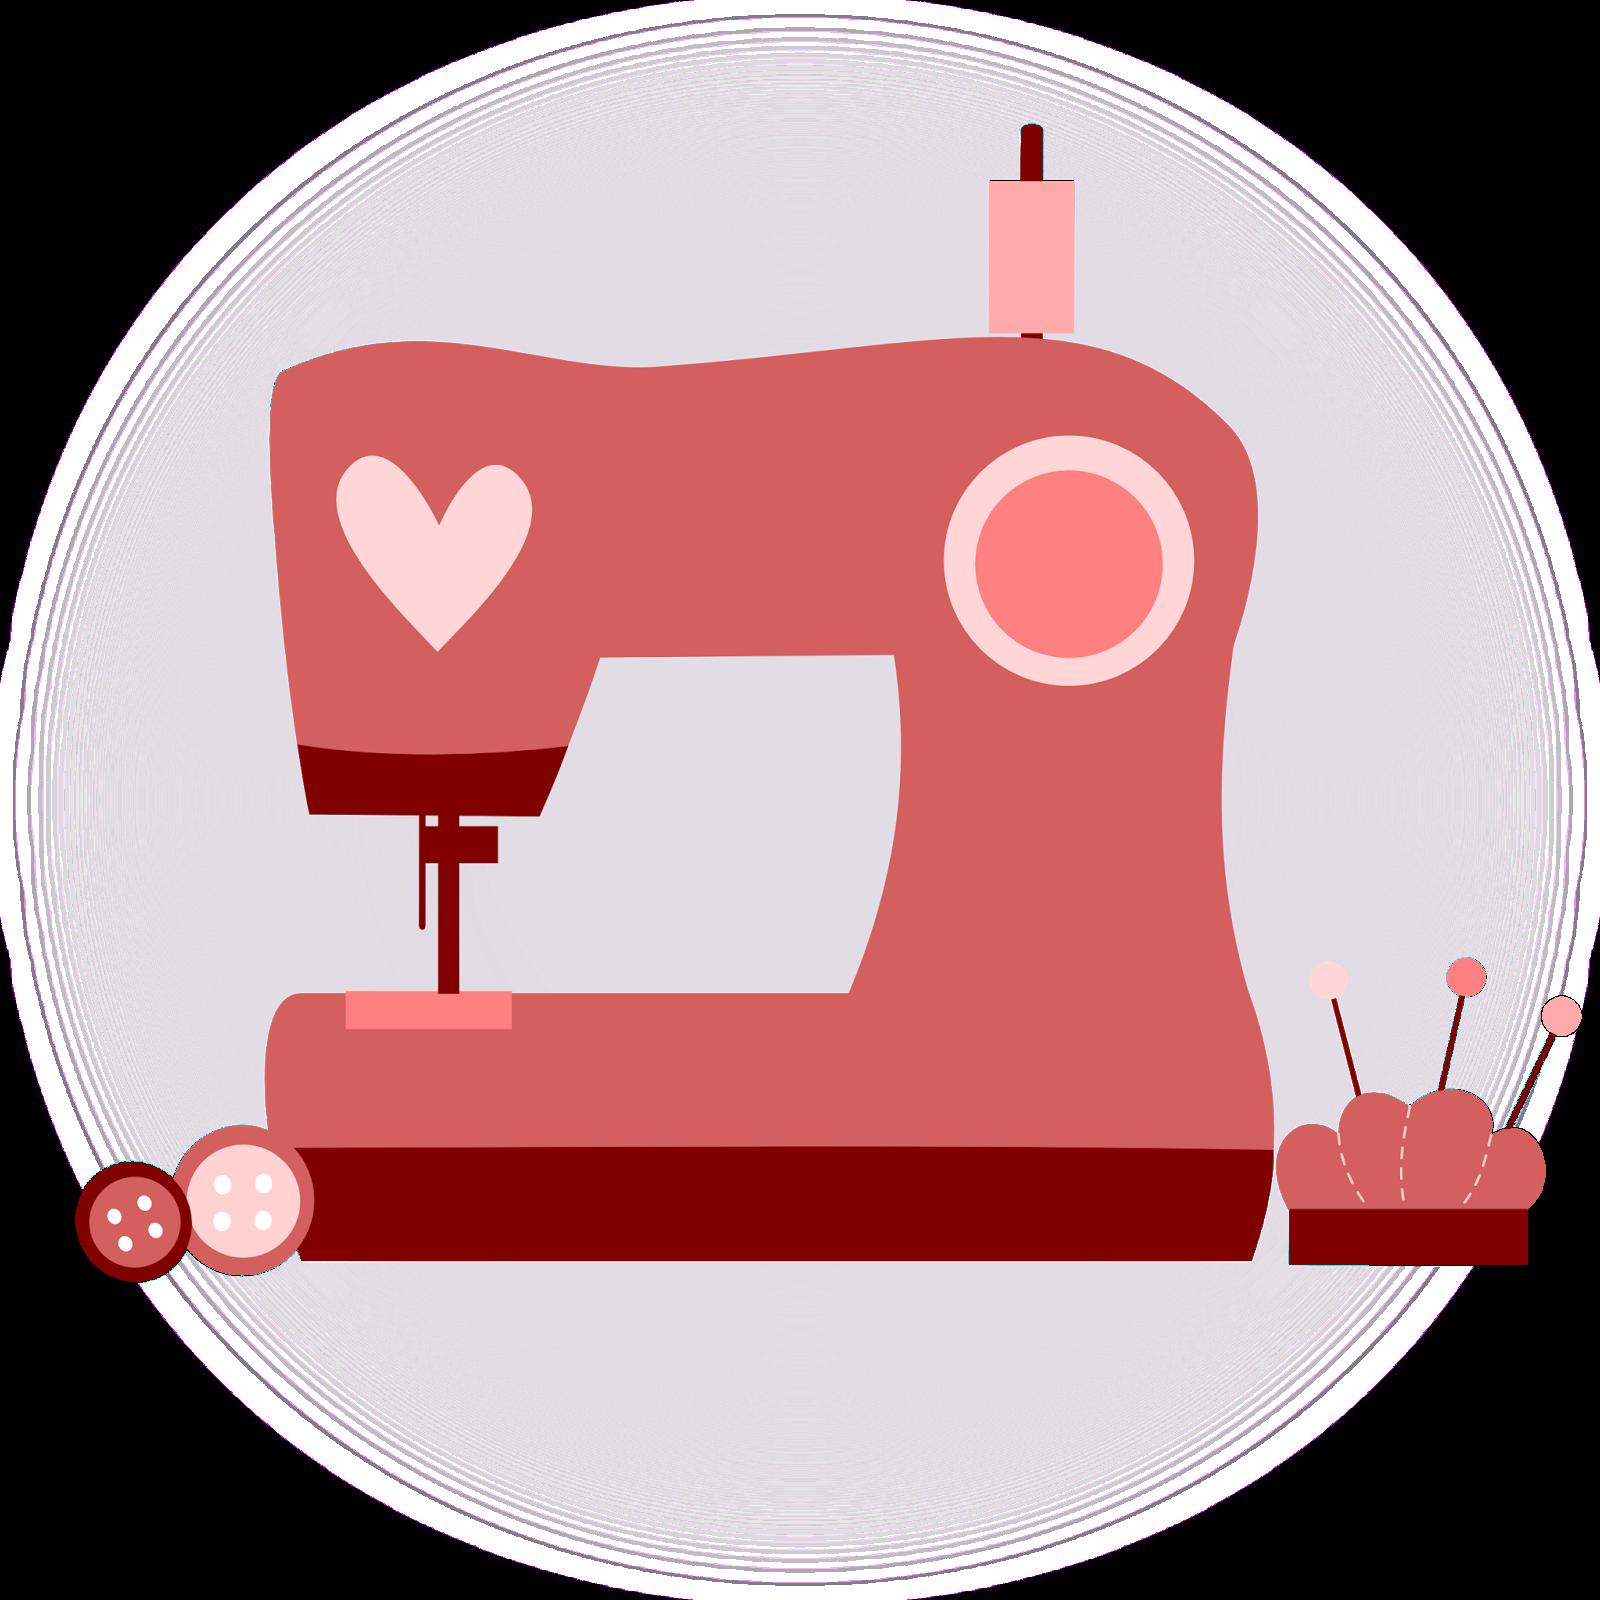 Maquina de costura clipart picture freeuse inkscape, clip art, rosa, corazón, diseño, máquina coser, costura ... picture freeuse